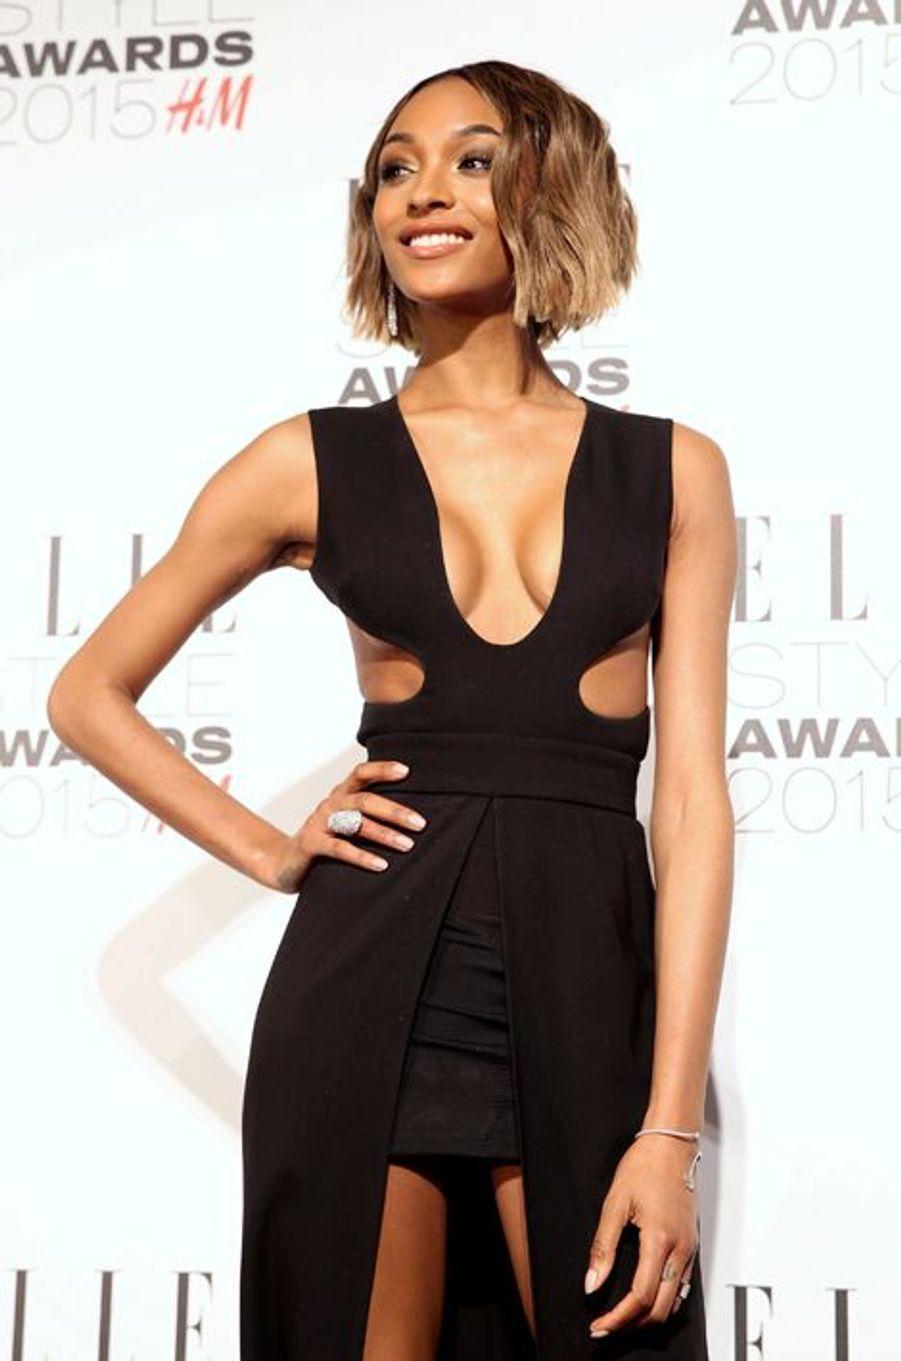 En plus de prêter ses traits pour les campagnes de Burberry et Yves Saint Laurent depuis 2011, elle défilé également pour Victoria's Secret depuis maintenant trois ans. En 2014, la jeune femme a été choisie comme égérie pour Gemey Maybelline. Elle a gagné 4 millions de dollars cette année passée.